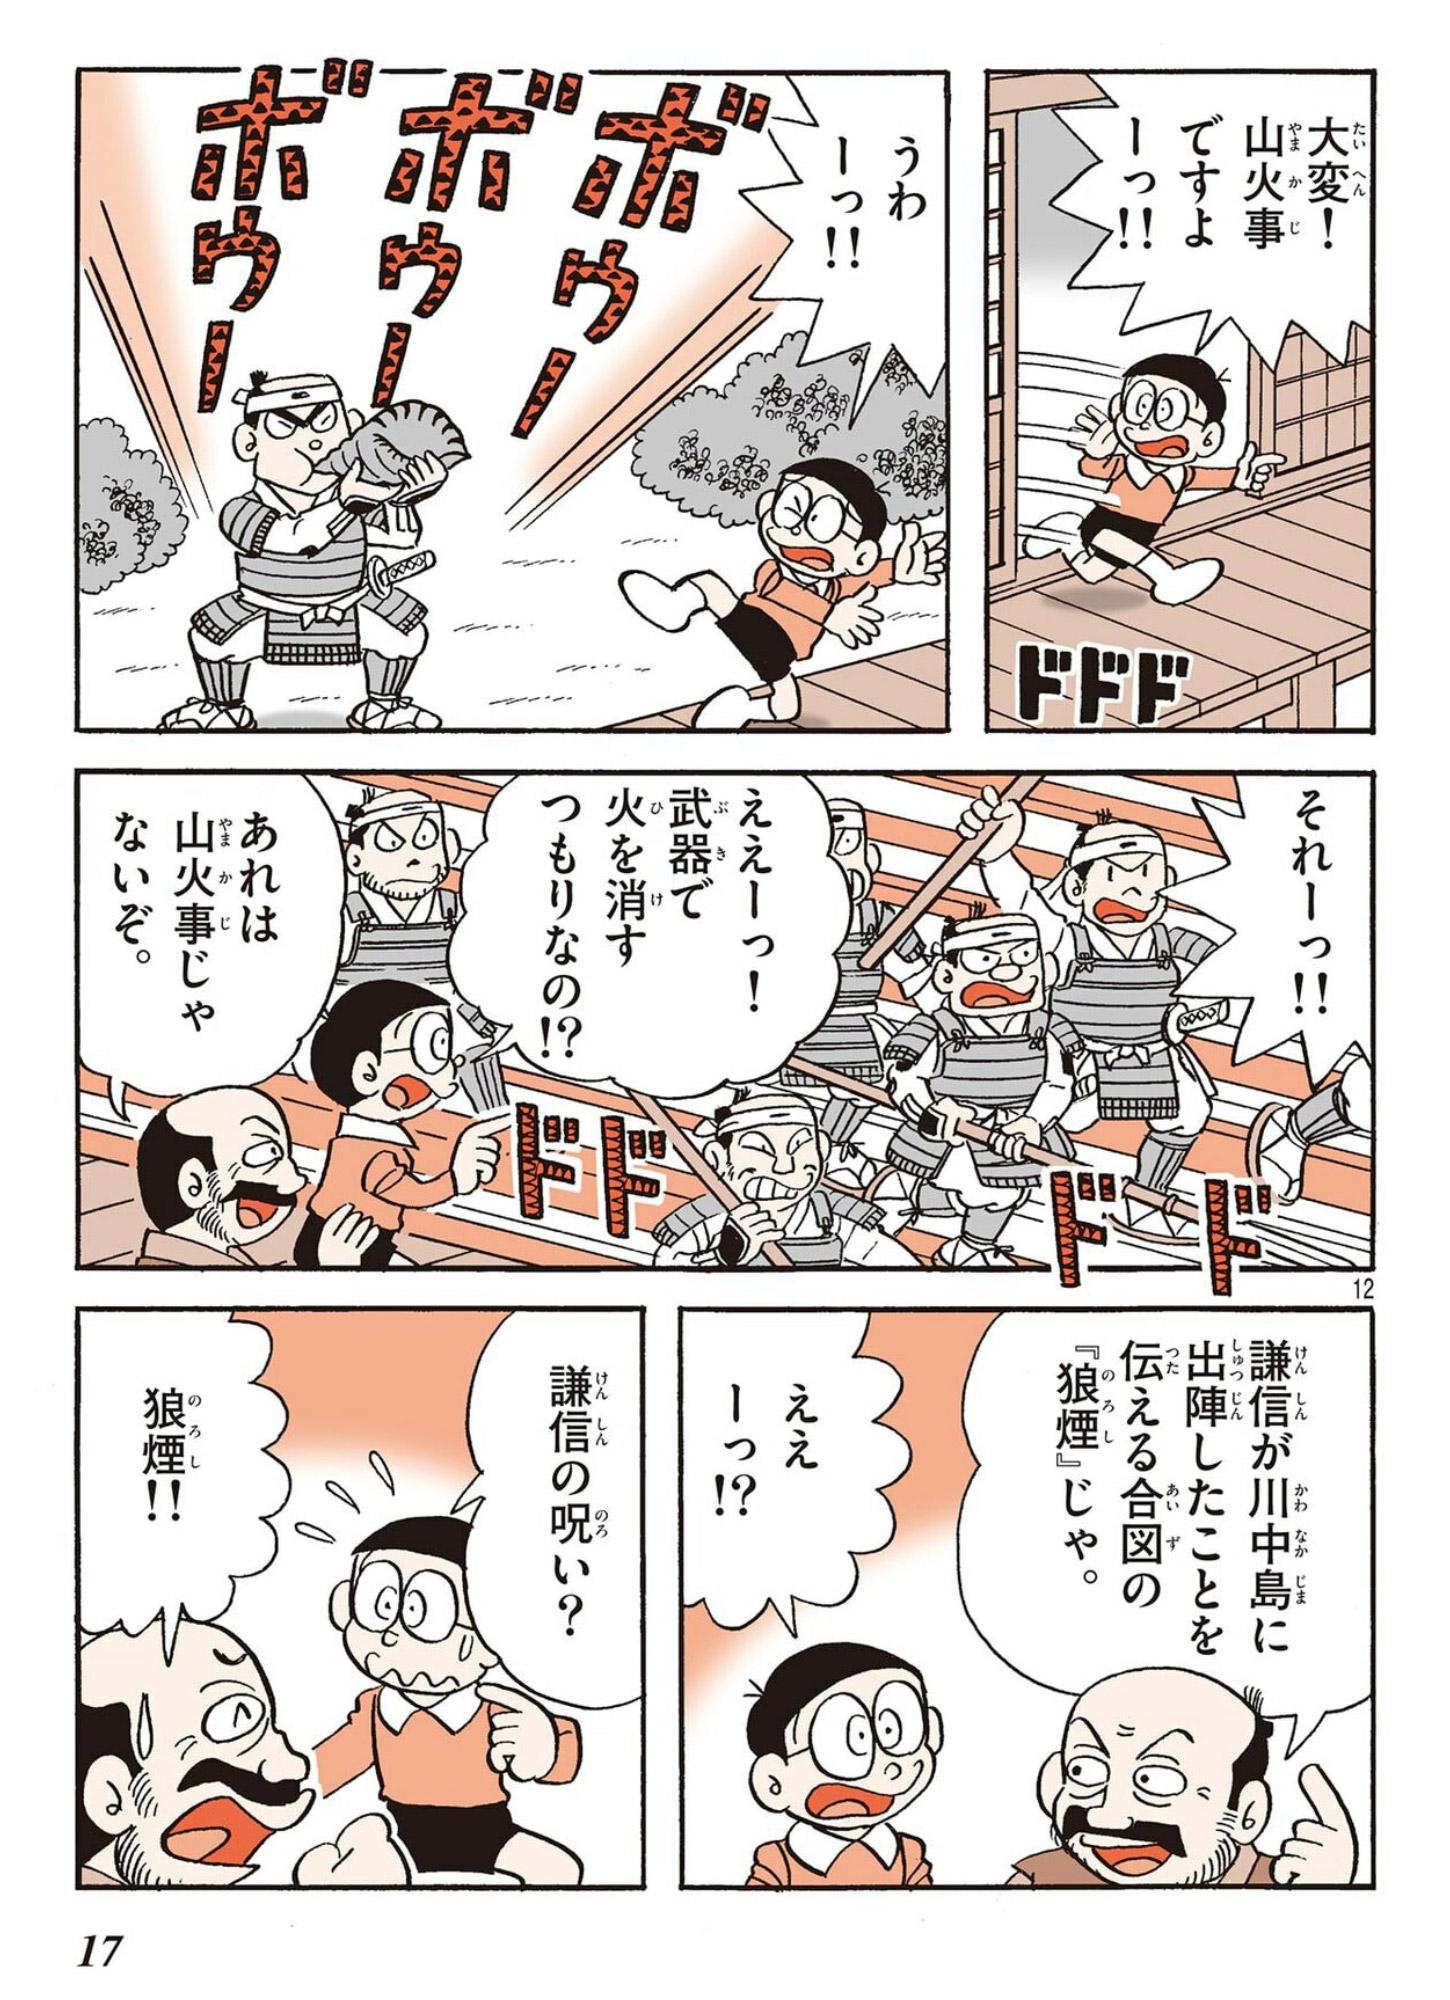 도라에몽 일본 인물전 샘플1